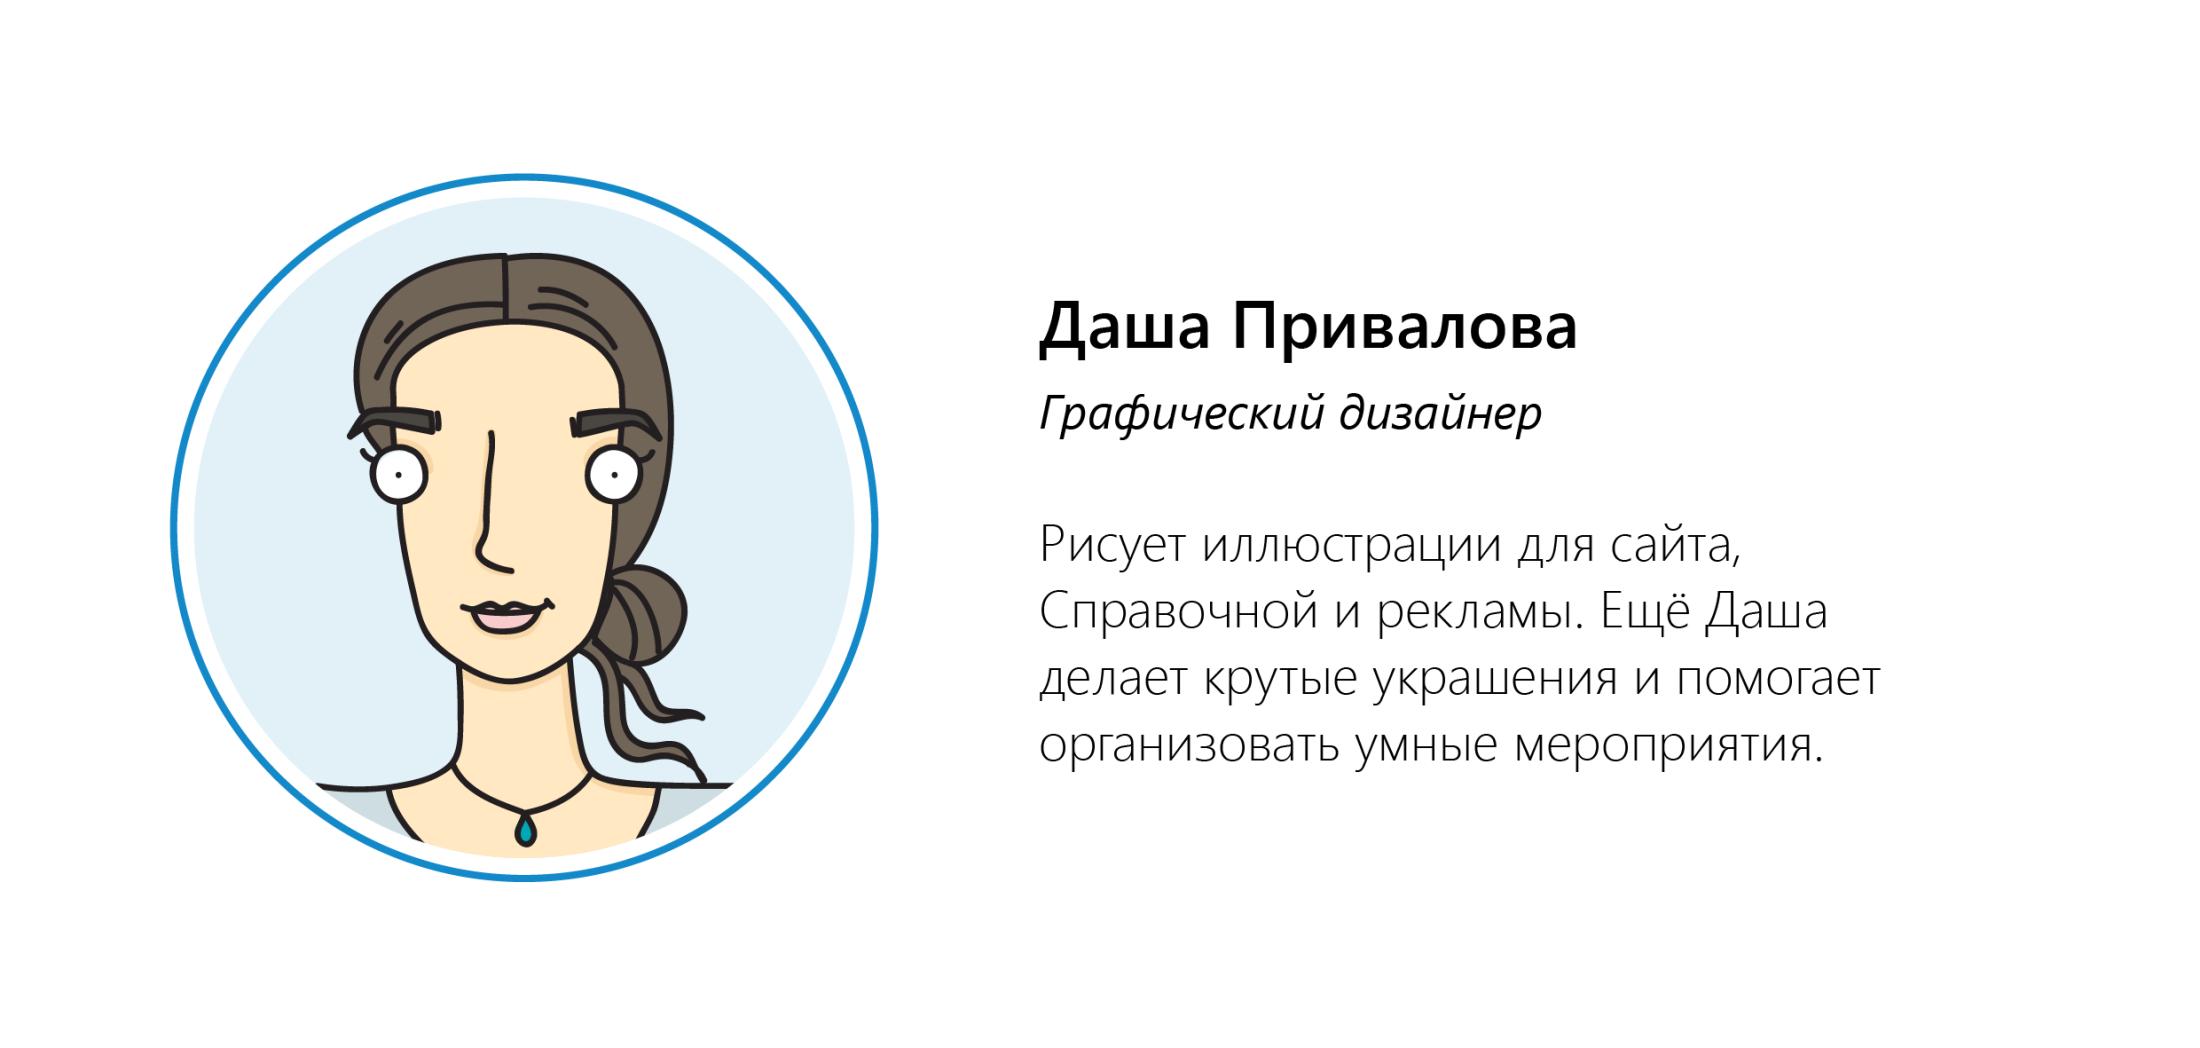 Даша Привалова